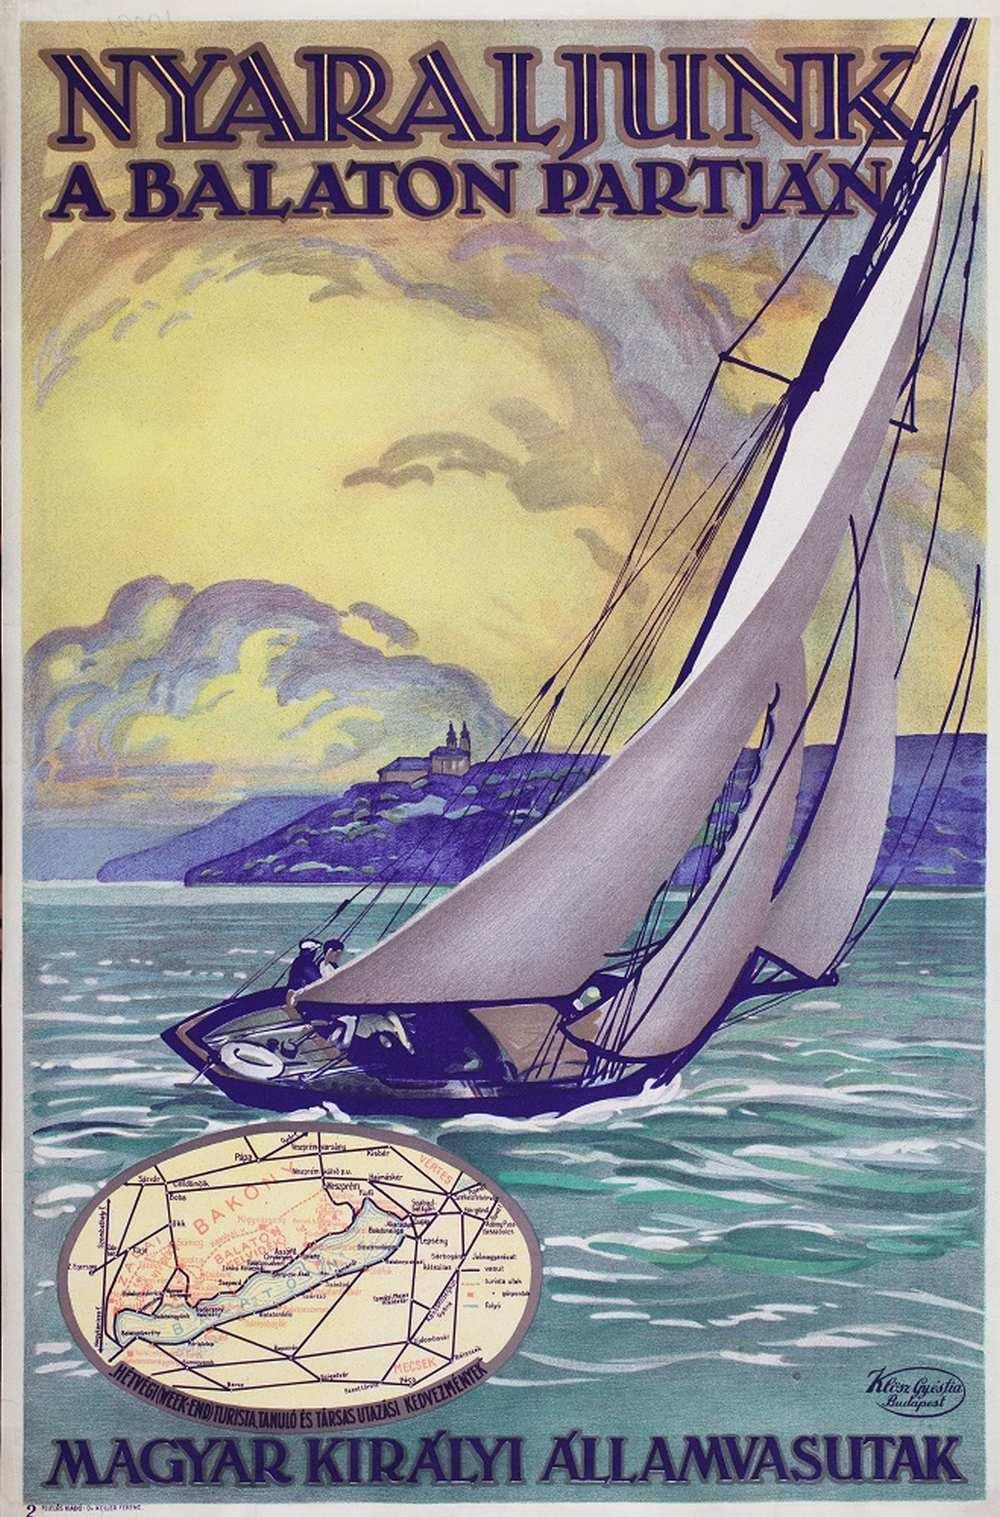 Nyaraljunk a Balaton partján (1929). Jelzet: PKG.1929/243 – Térkép-, Plakát- és Kisnyomtatványtár http://nektar.oszk.hu/hu/manifestation/2790176